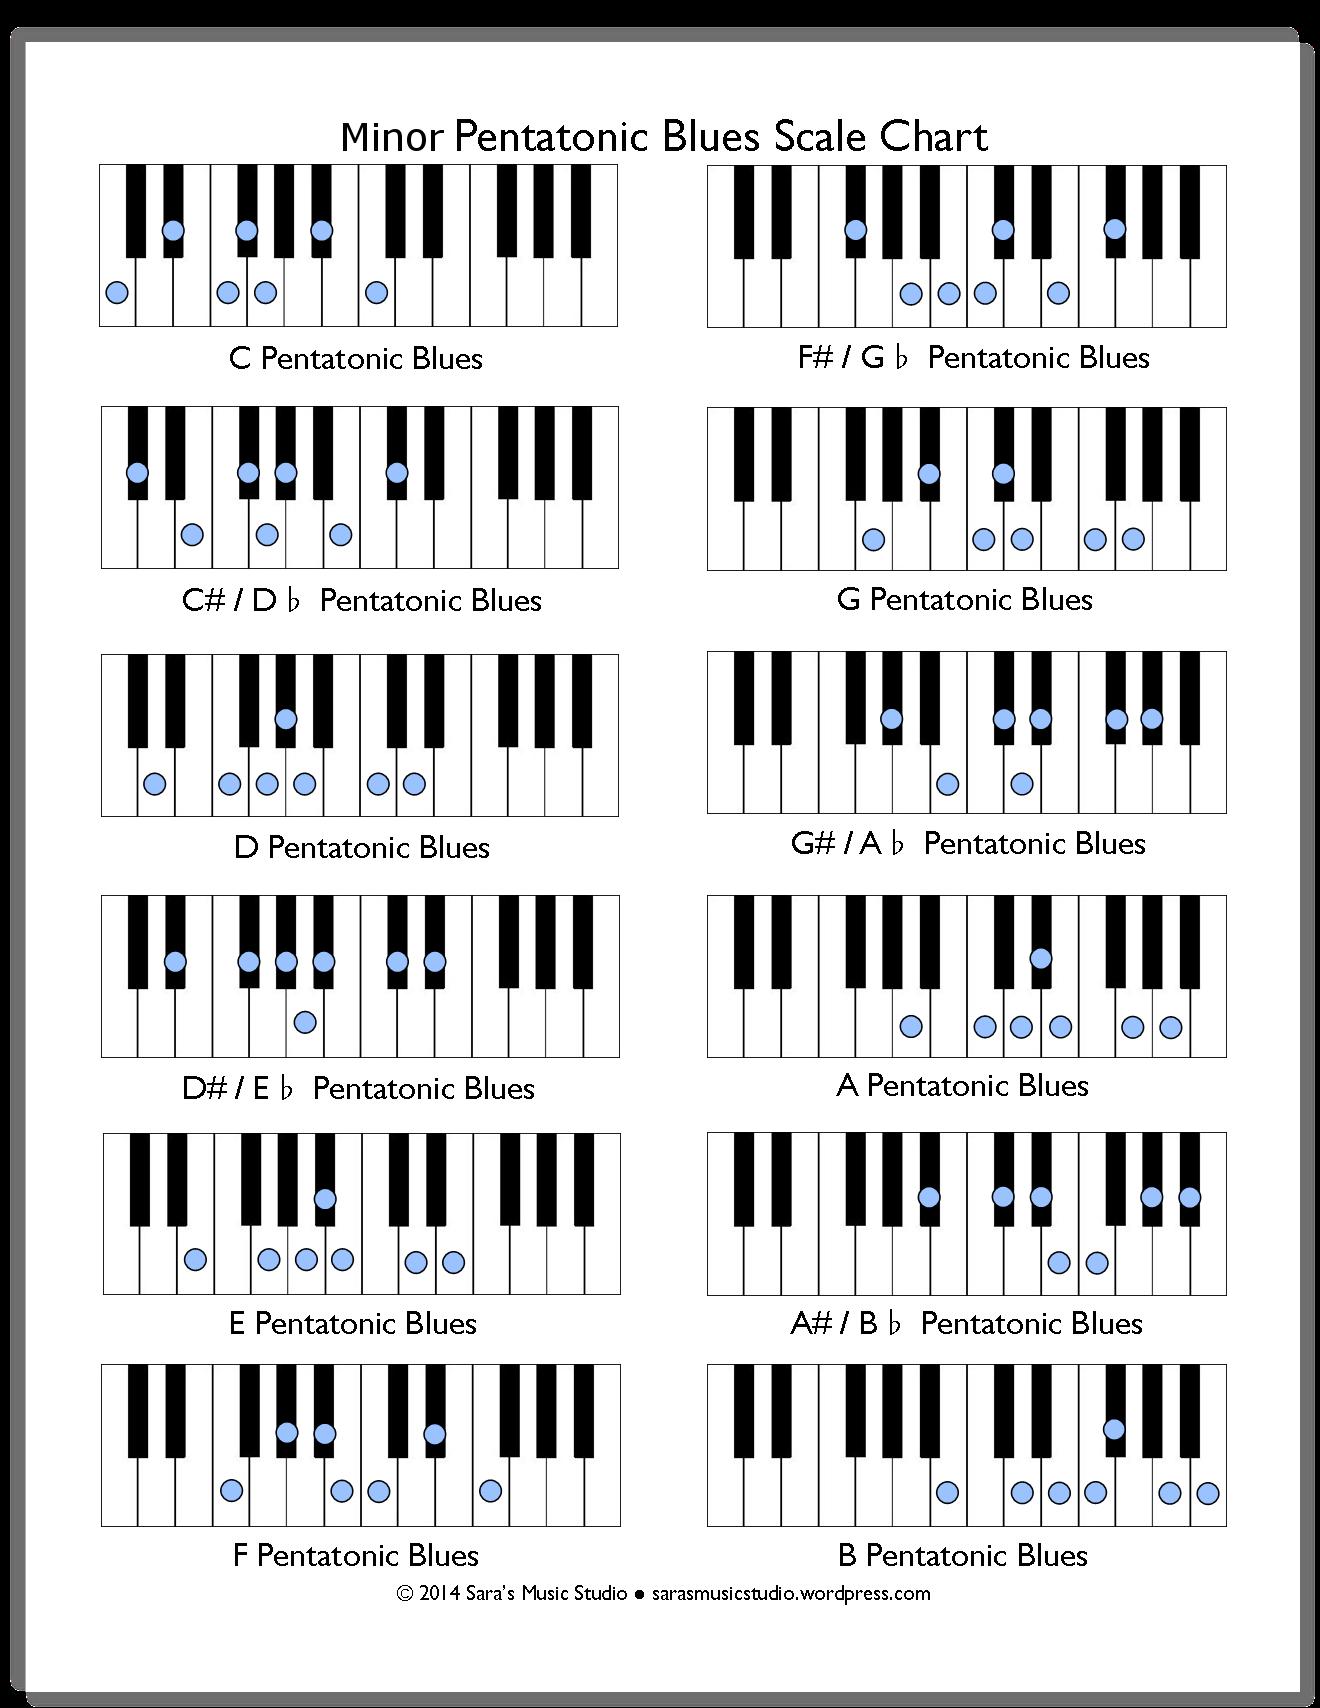 Free Minor Pentatonic Blues Scale Chart